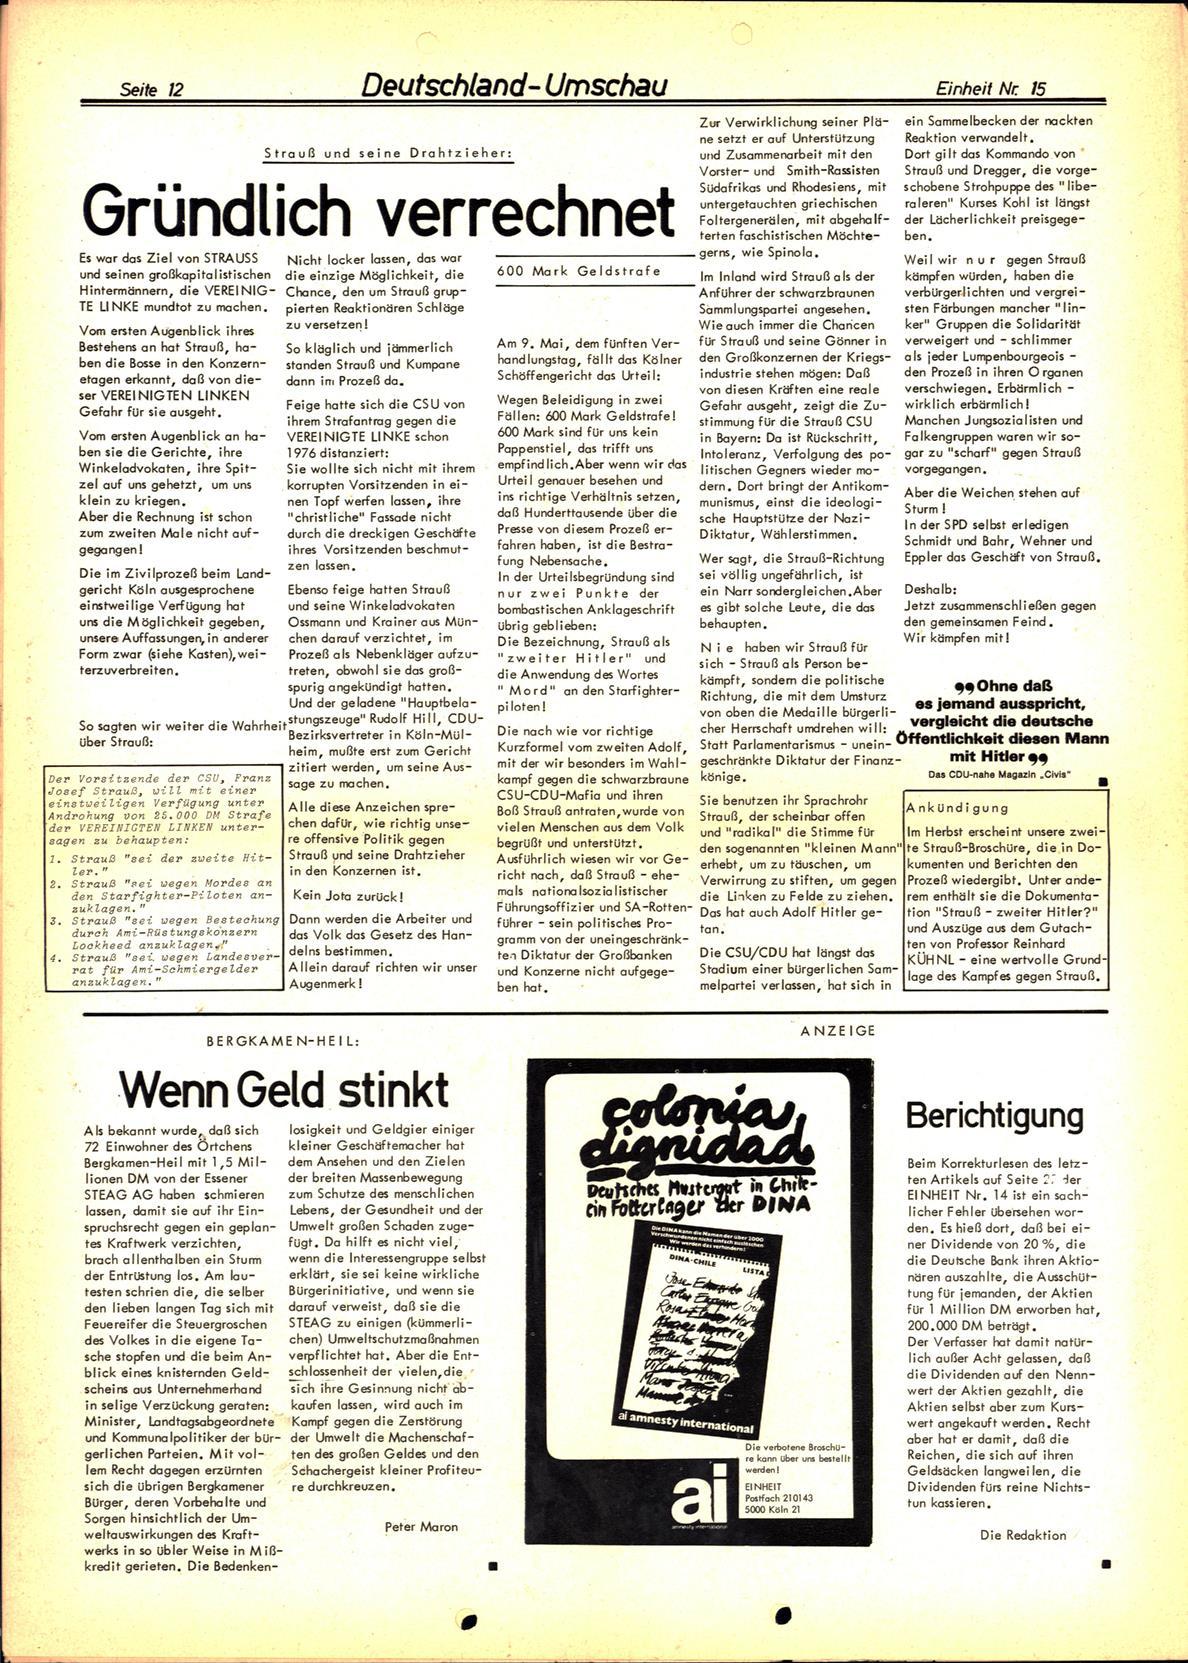 Koeln_IPdA_Einheit_1977_015_012